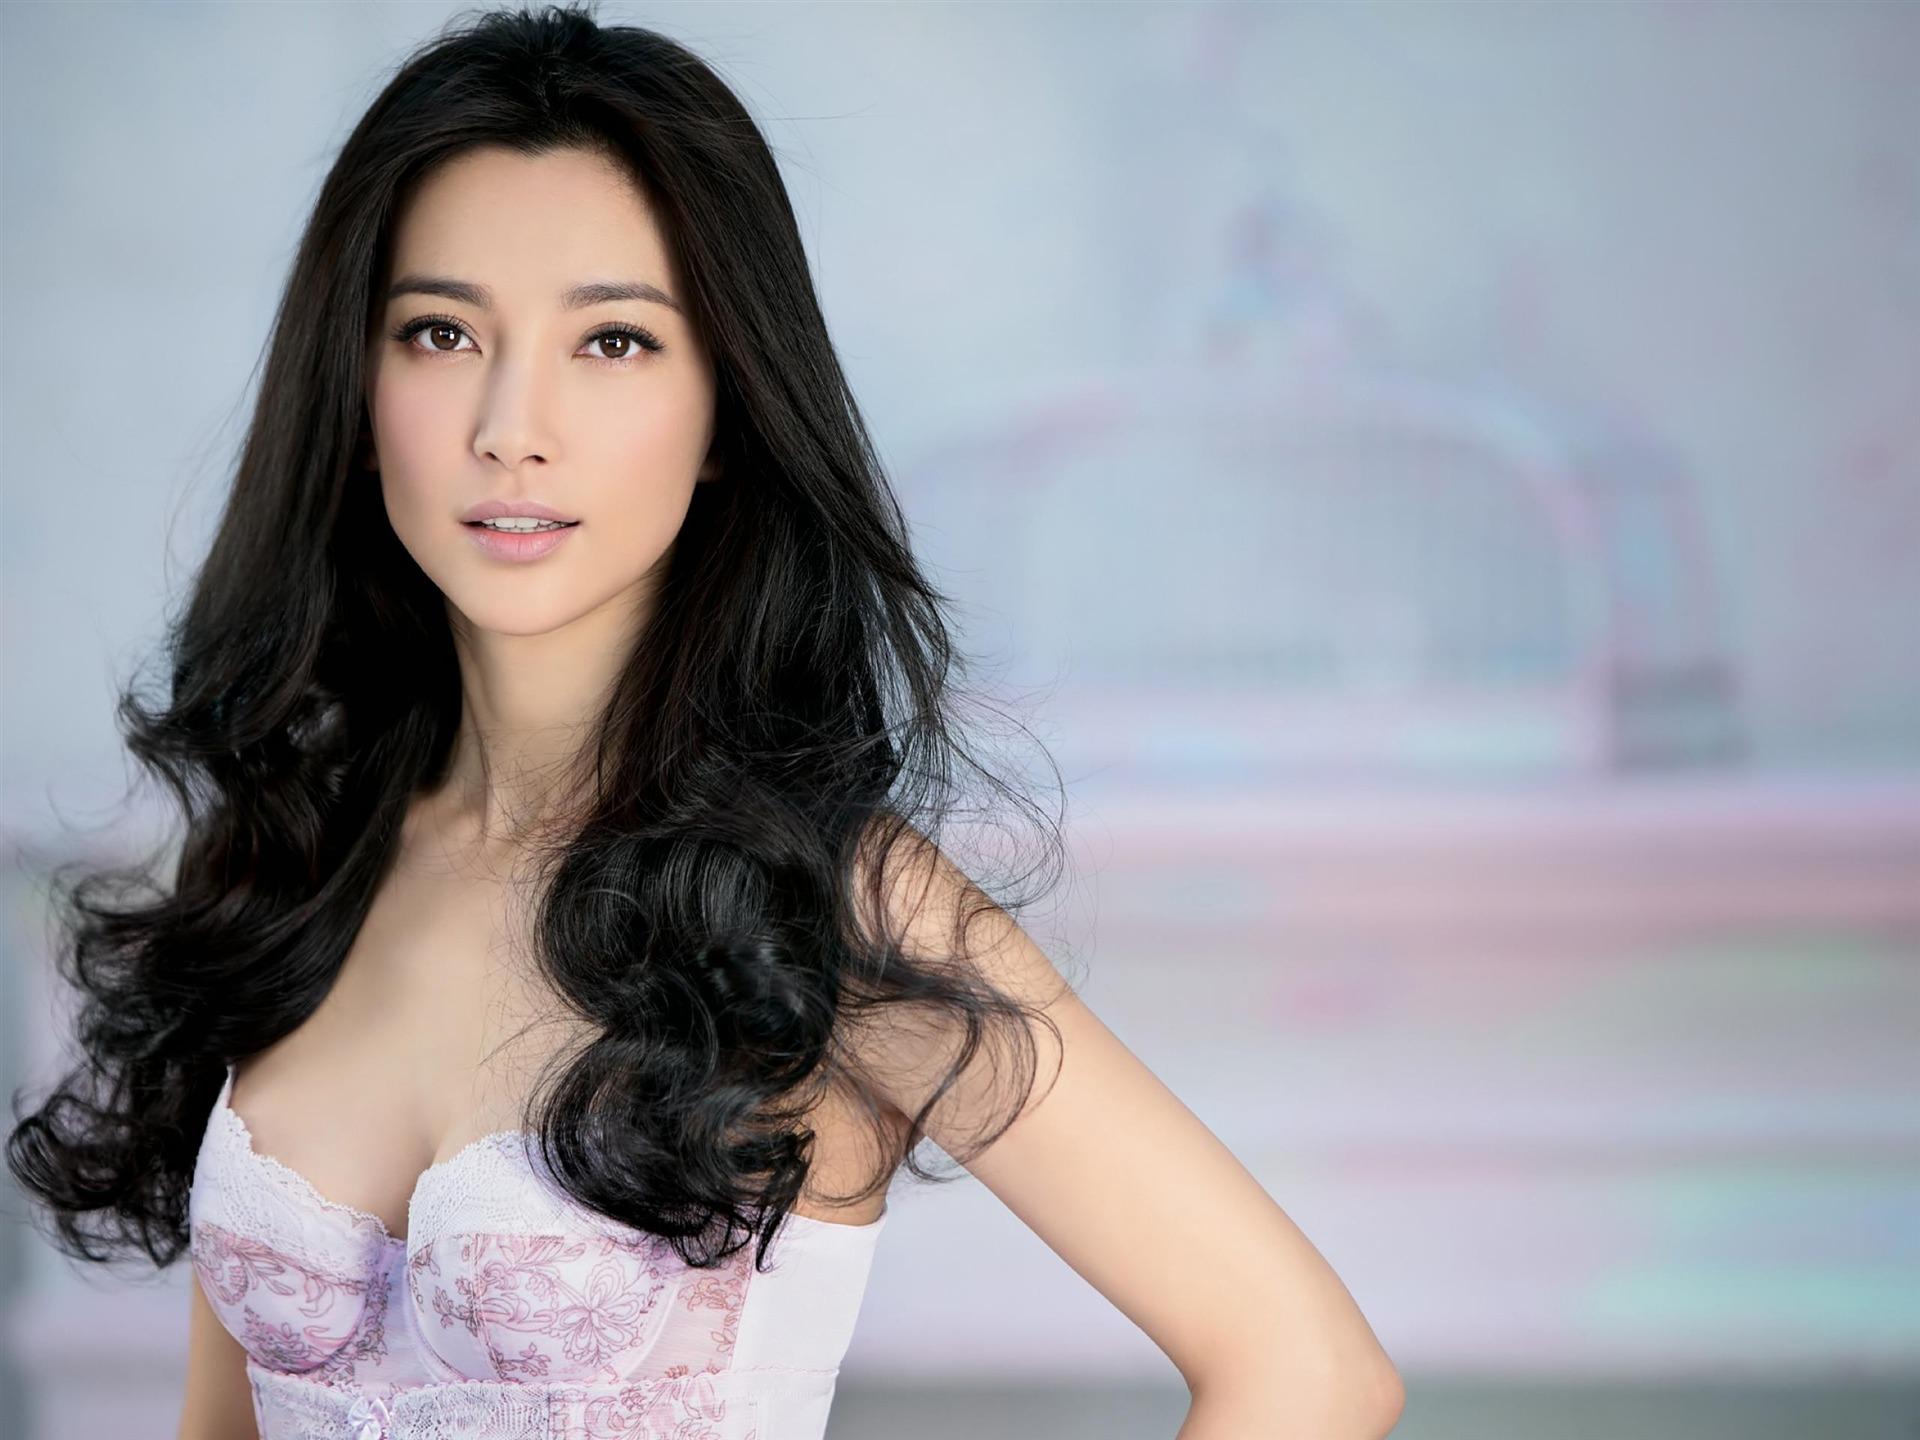 все фото самых красивых девушек китаянок дом, трахаемся